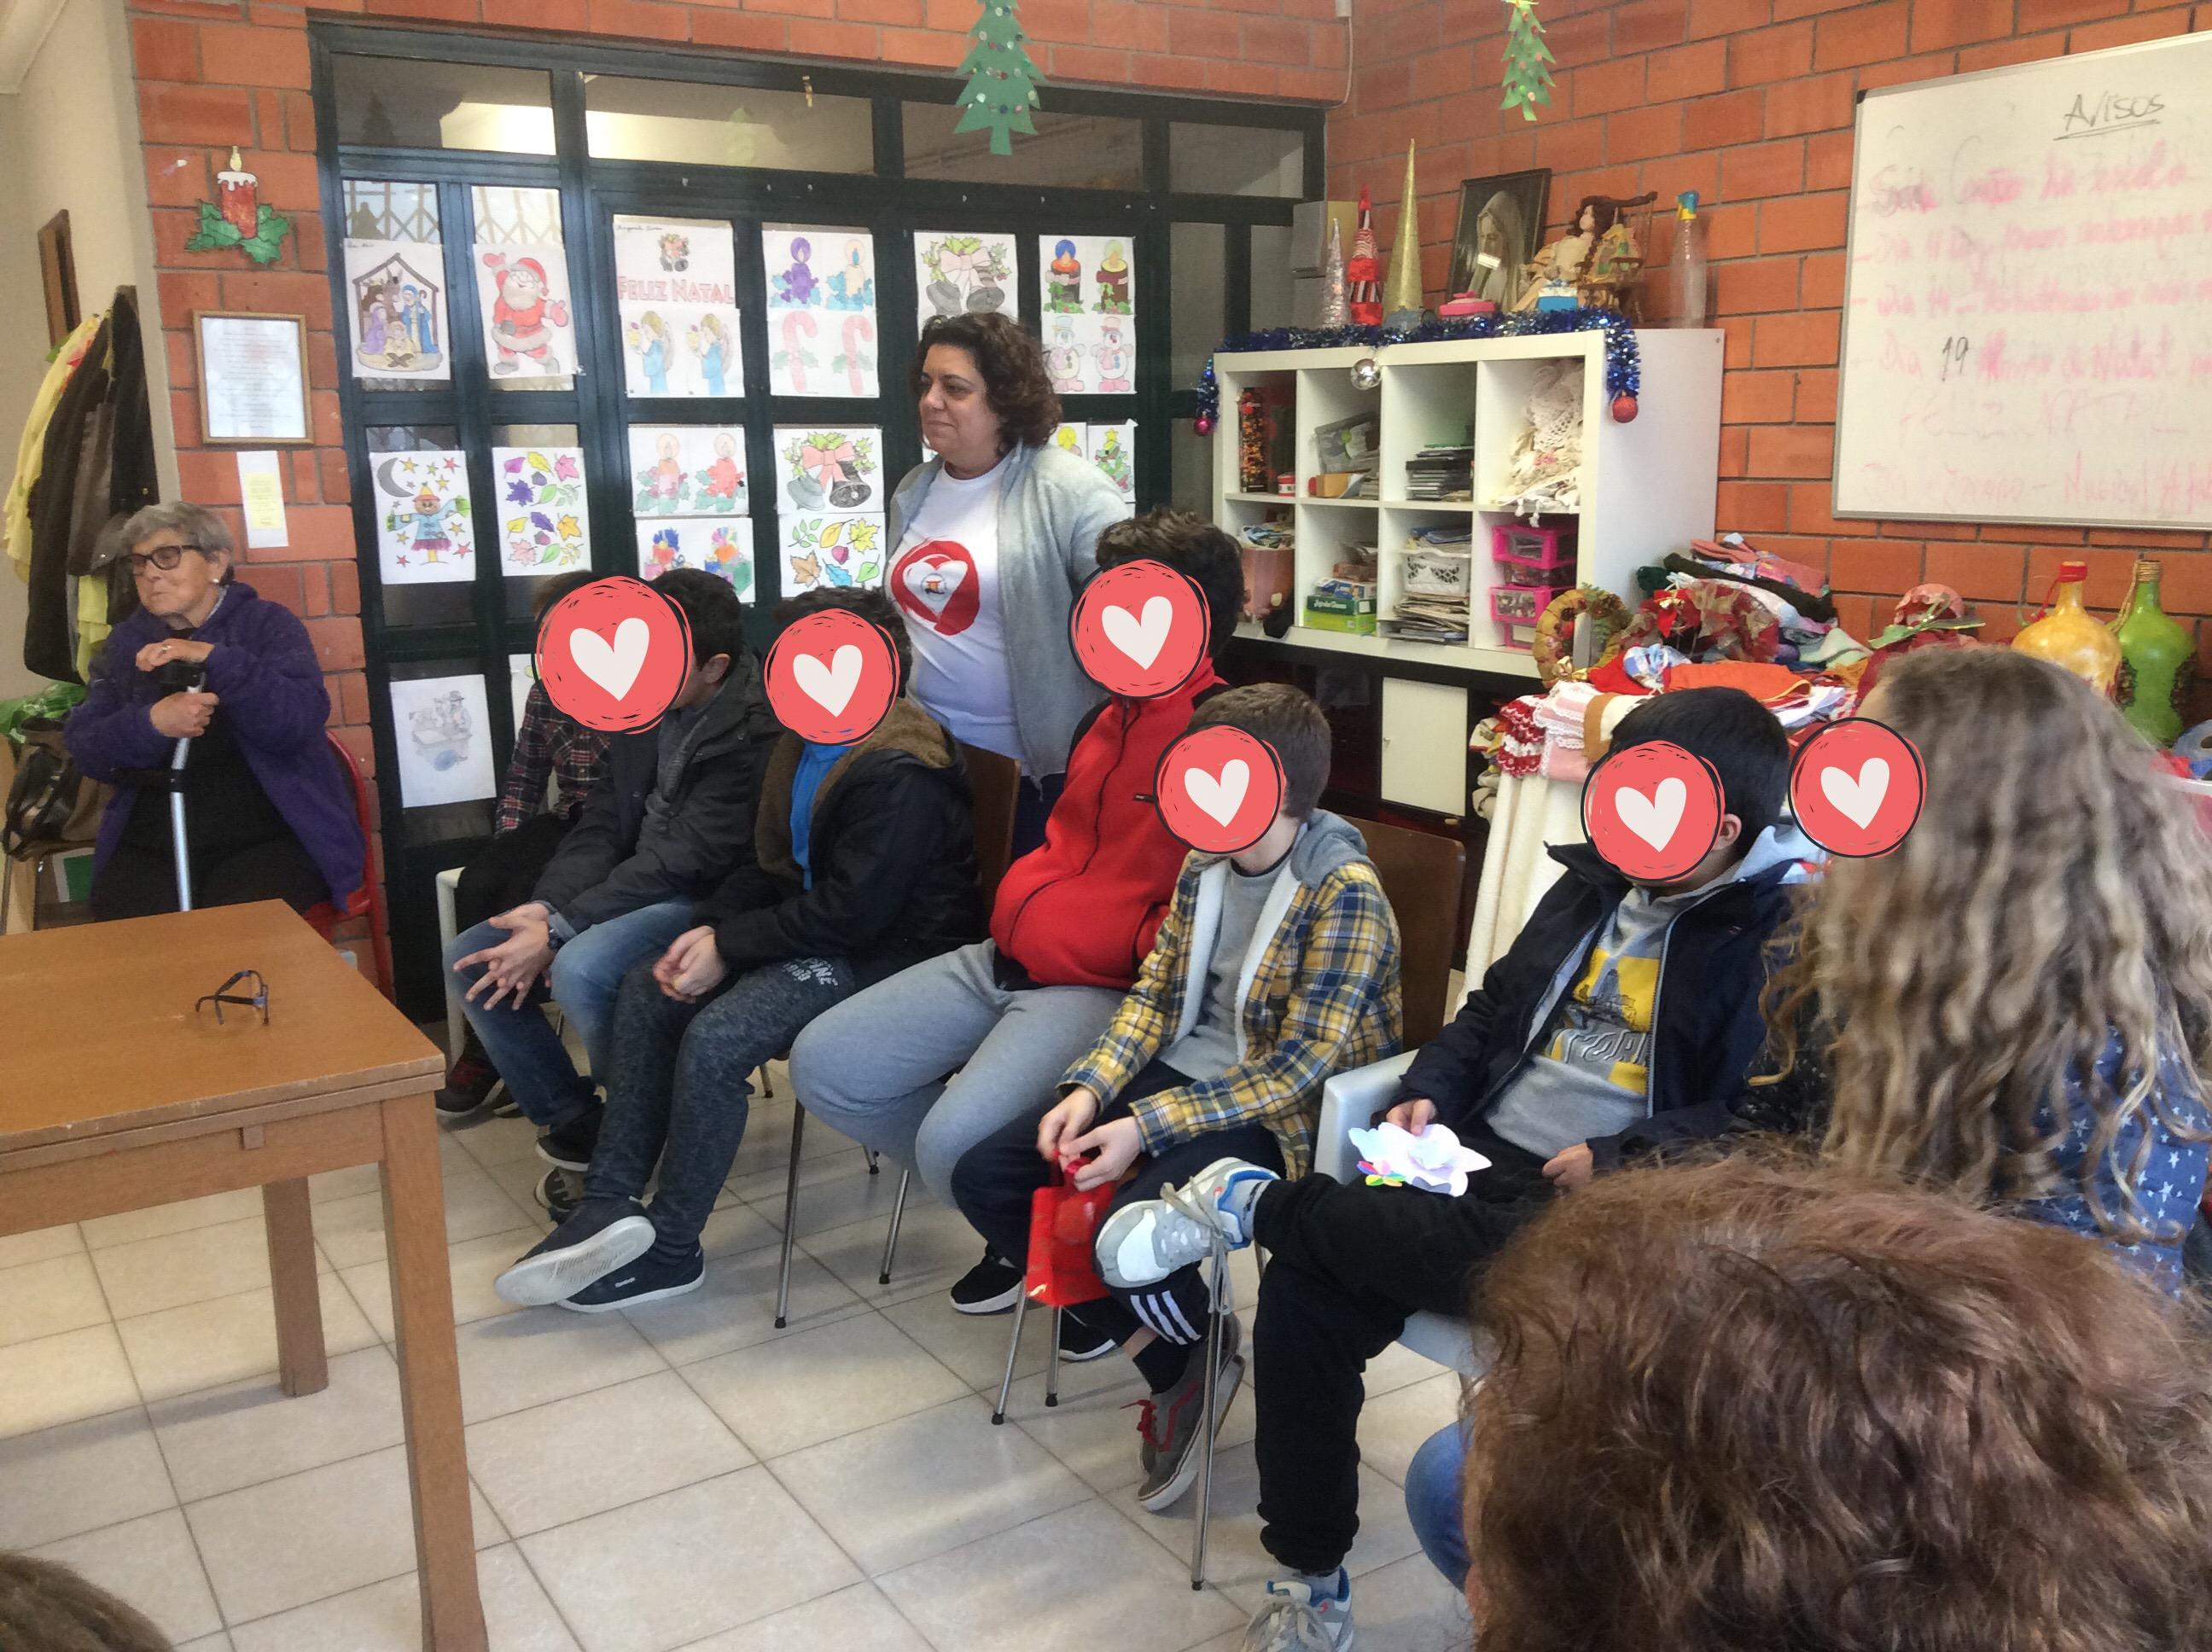 Partilha na Plataforma Solidaria de Alfena